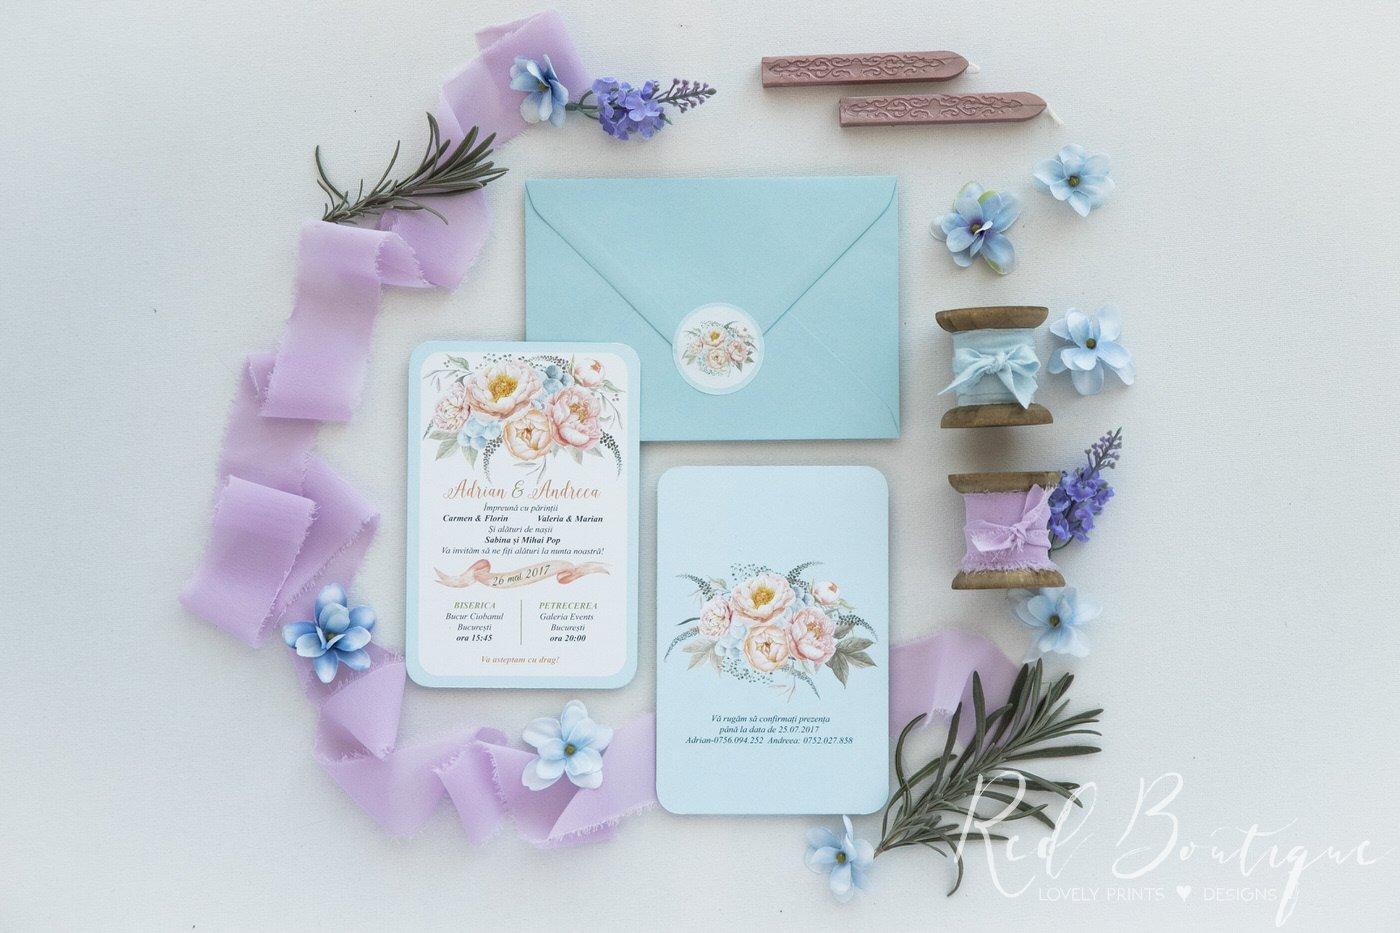 invitatie de nunta postcard cu albastru deschis si motive florale cu bujori